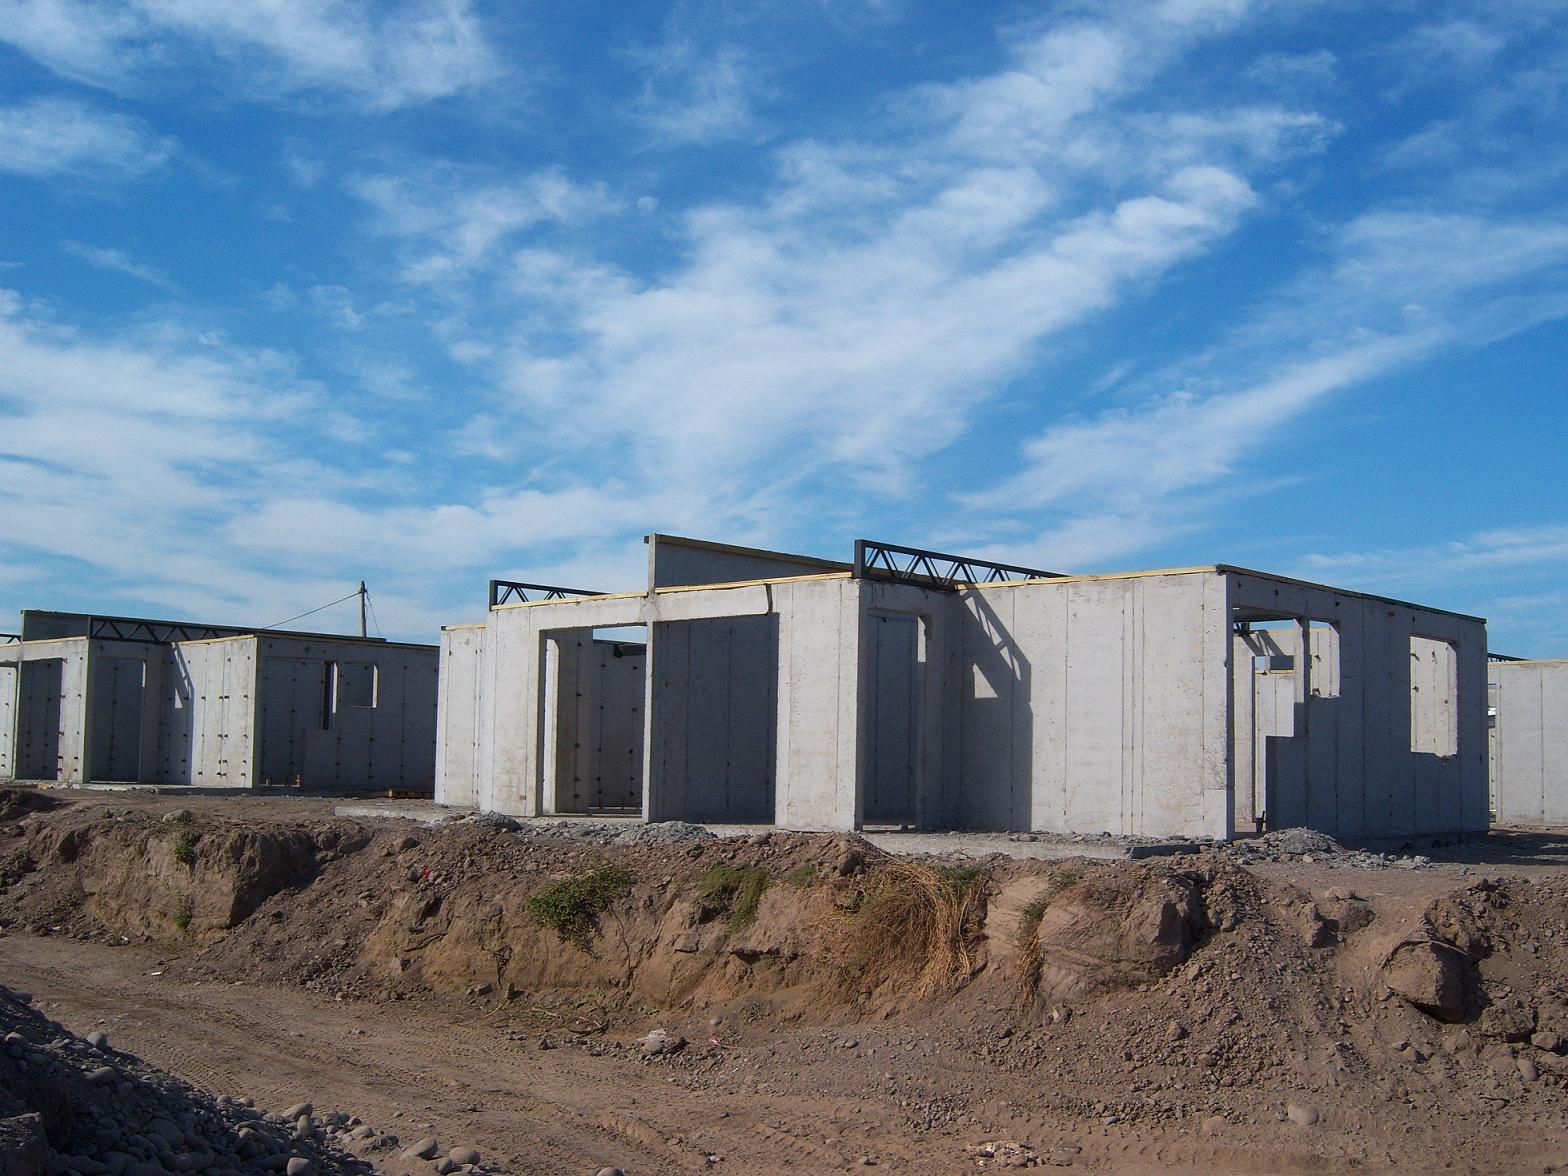 La elegancia absoluta de las casas modulares de hormig n - Casas modulares de hormigon ...